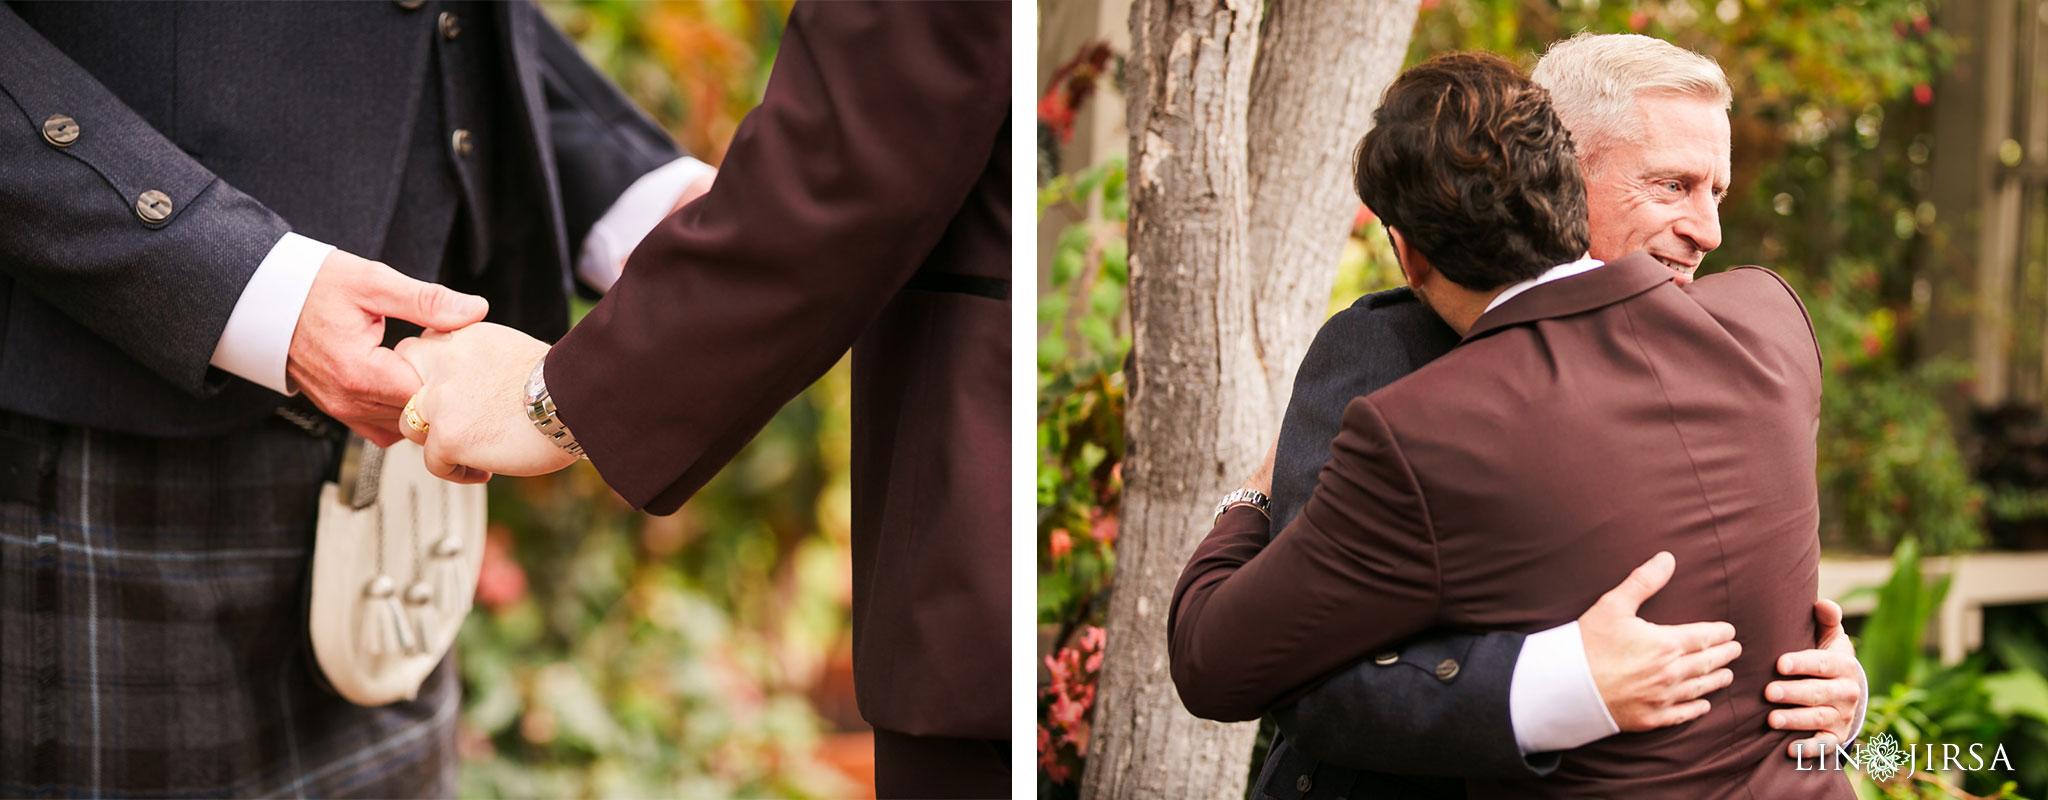 09 sherman library gardens corona del mar same sex wedding photography